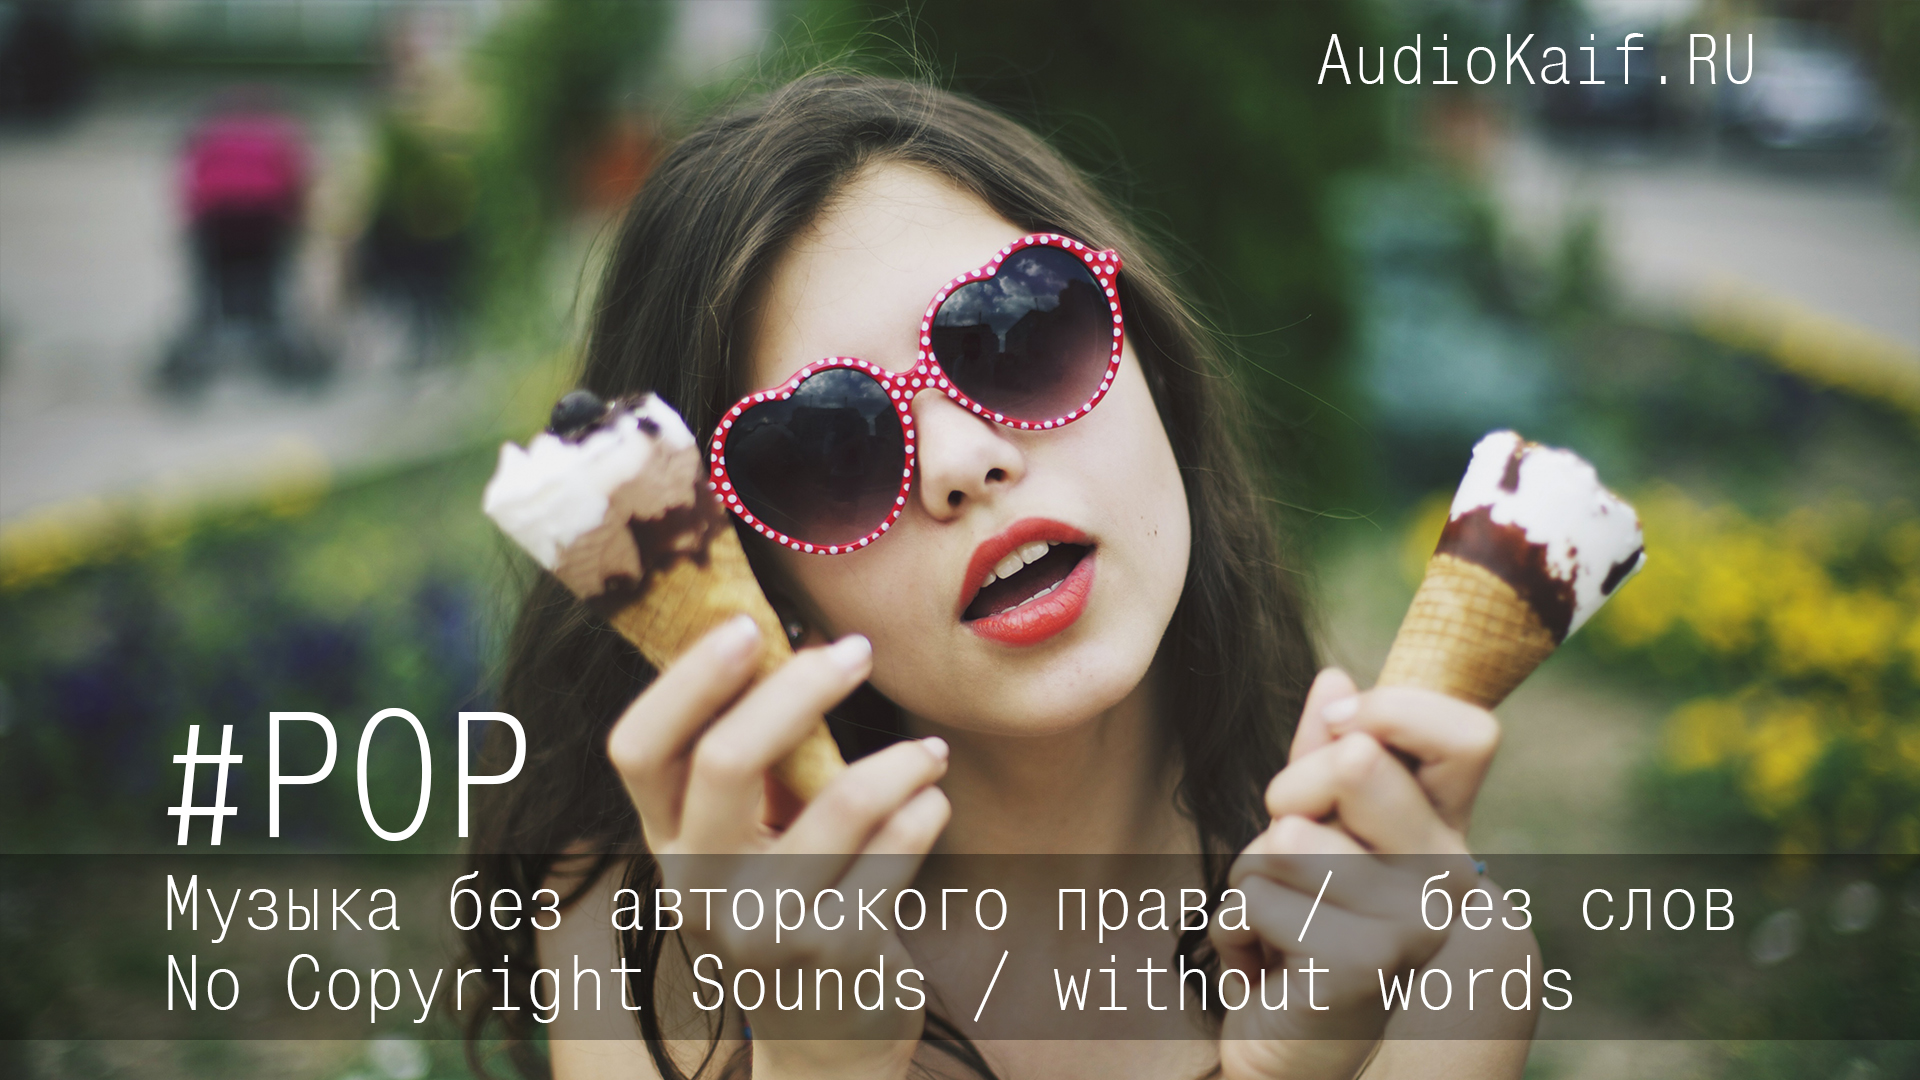 Музыка без авторского права / Tough Love / POP / AudioKaif / Ютуб видео